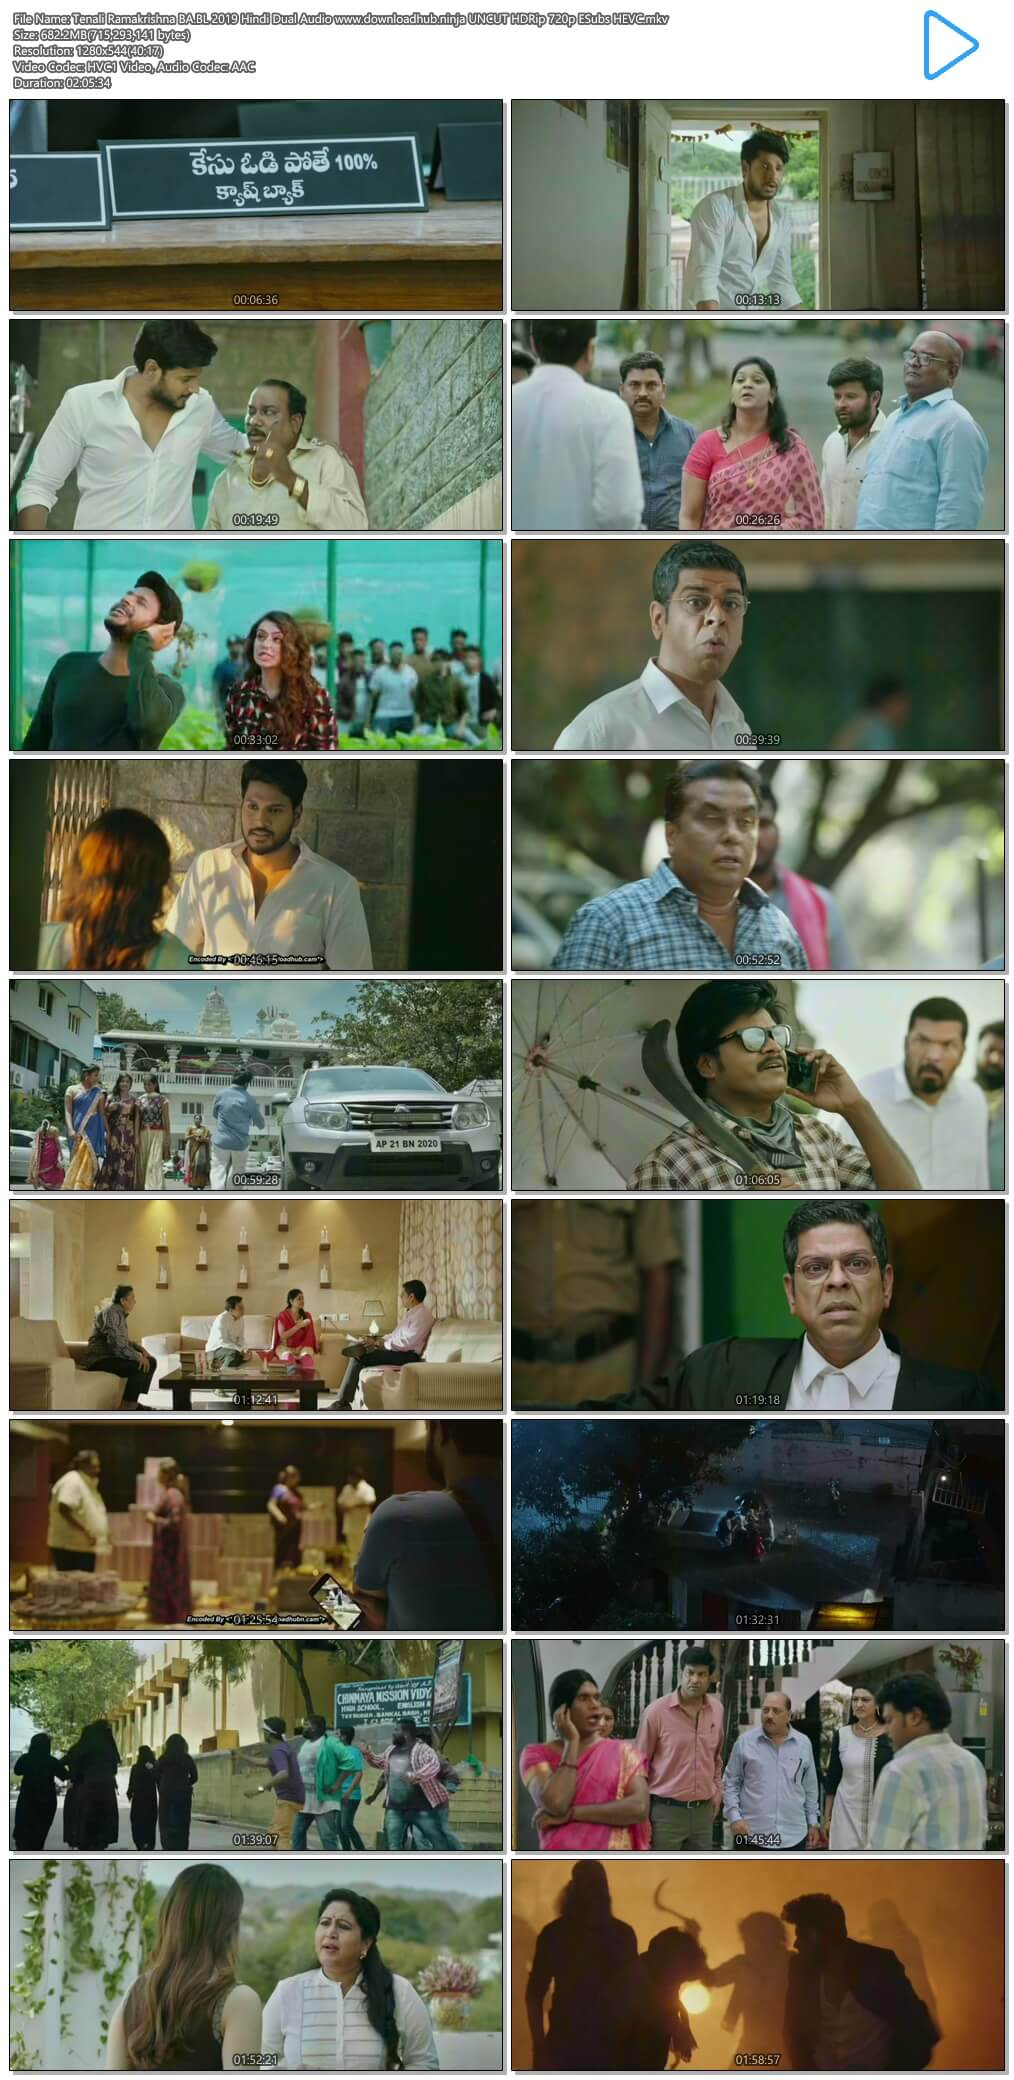 Tenali Ramakrishna BA.BL 2019 Hindi Dual Audio 650MB UNCUT HDRip 720p ESubs HEVC